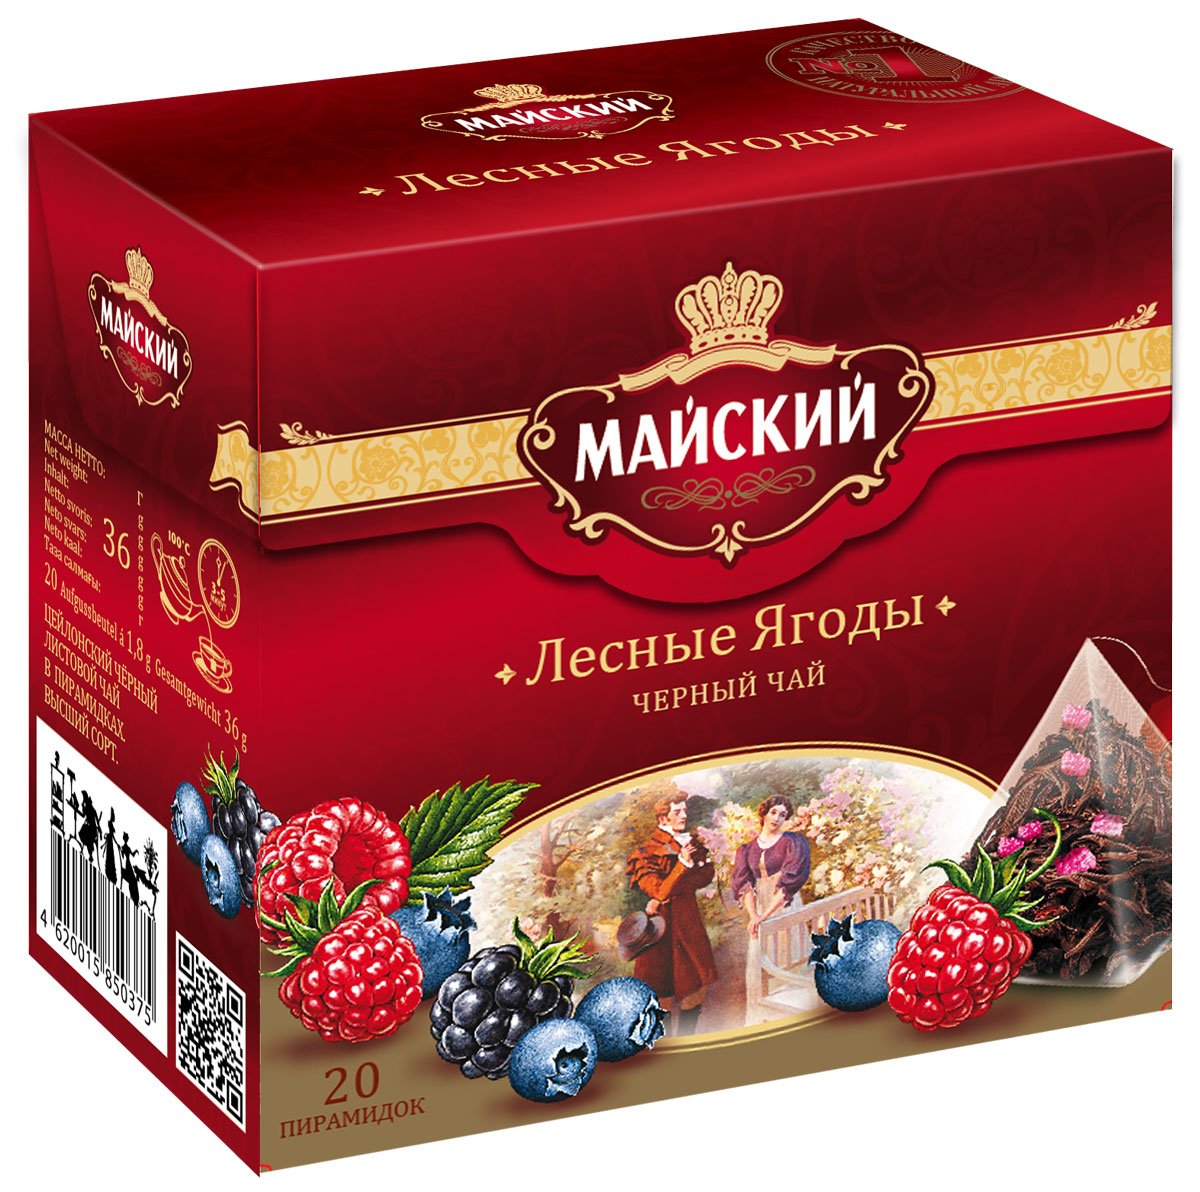 Майский Лесные ягоды черный чай в пирамидках, 20 шт майский лесные ягоды черный чай в пирамидках 20 шт